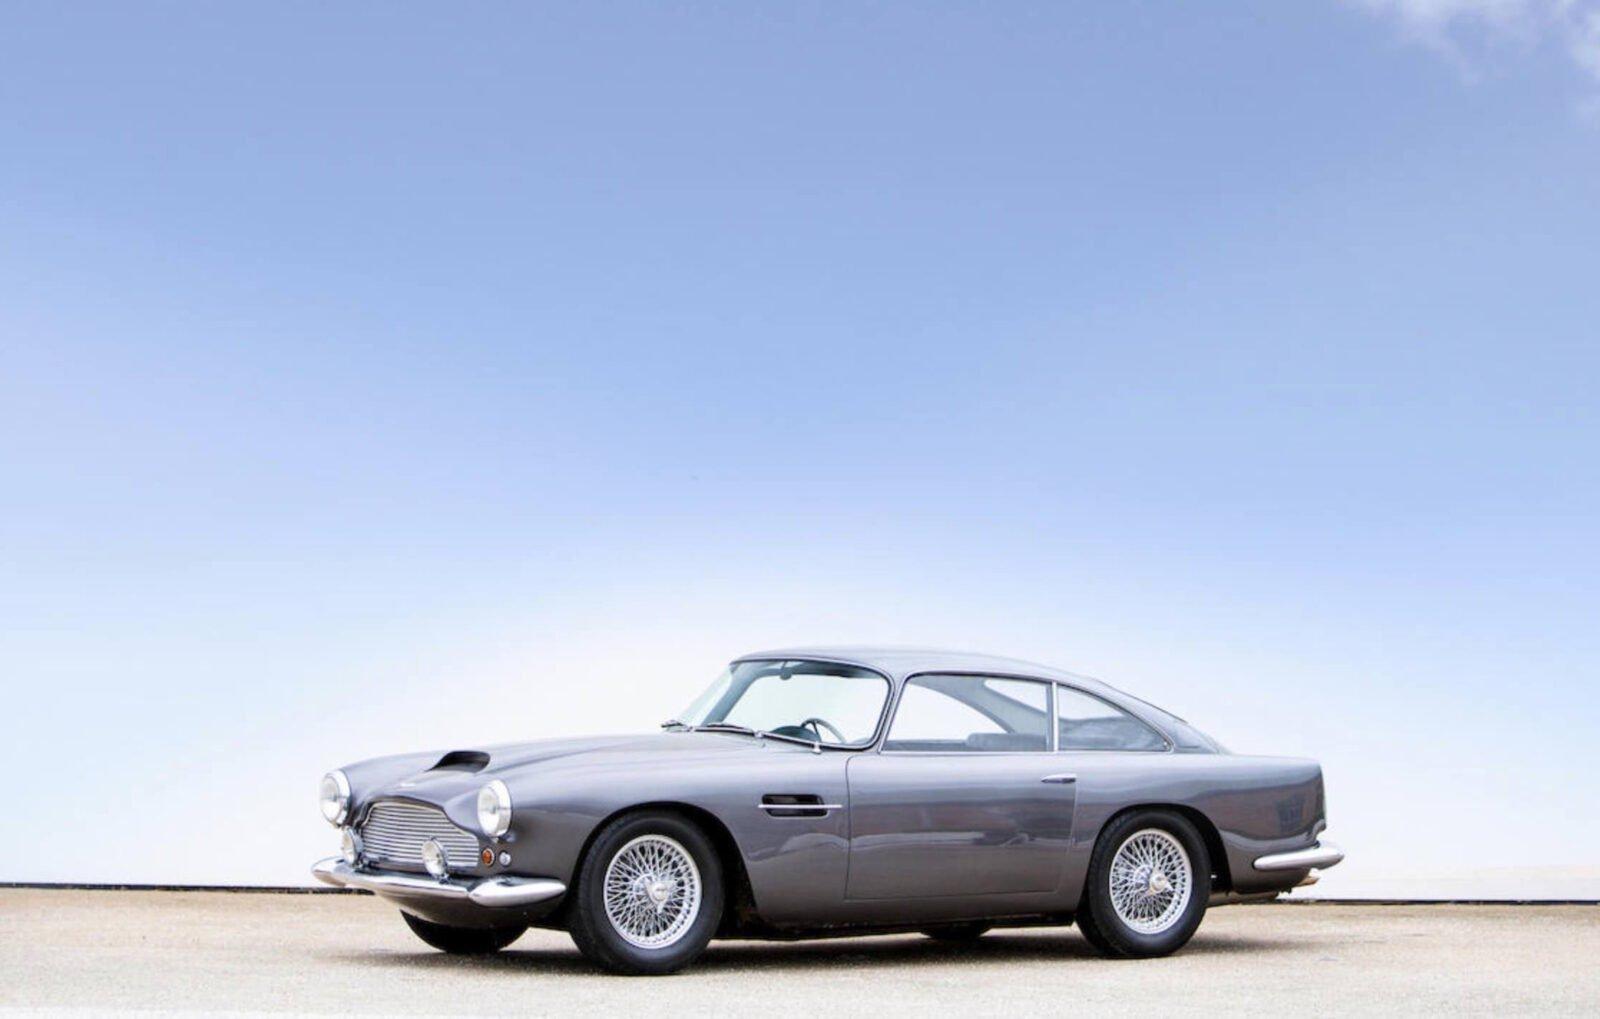 Aston Martin DB4 1600x1019 - Aston Martin DB4